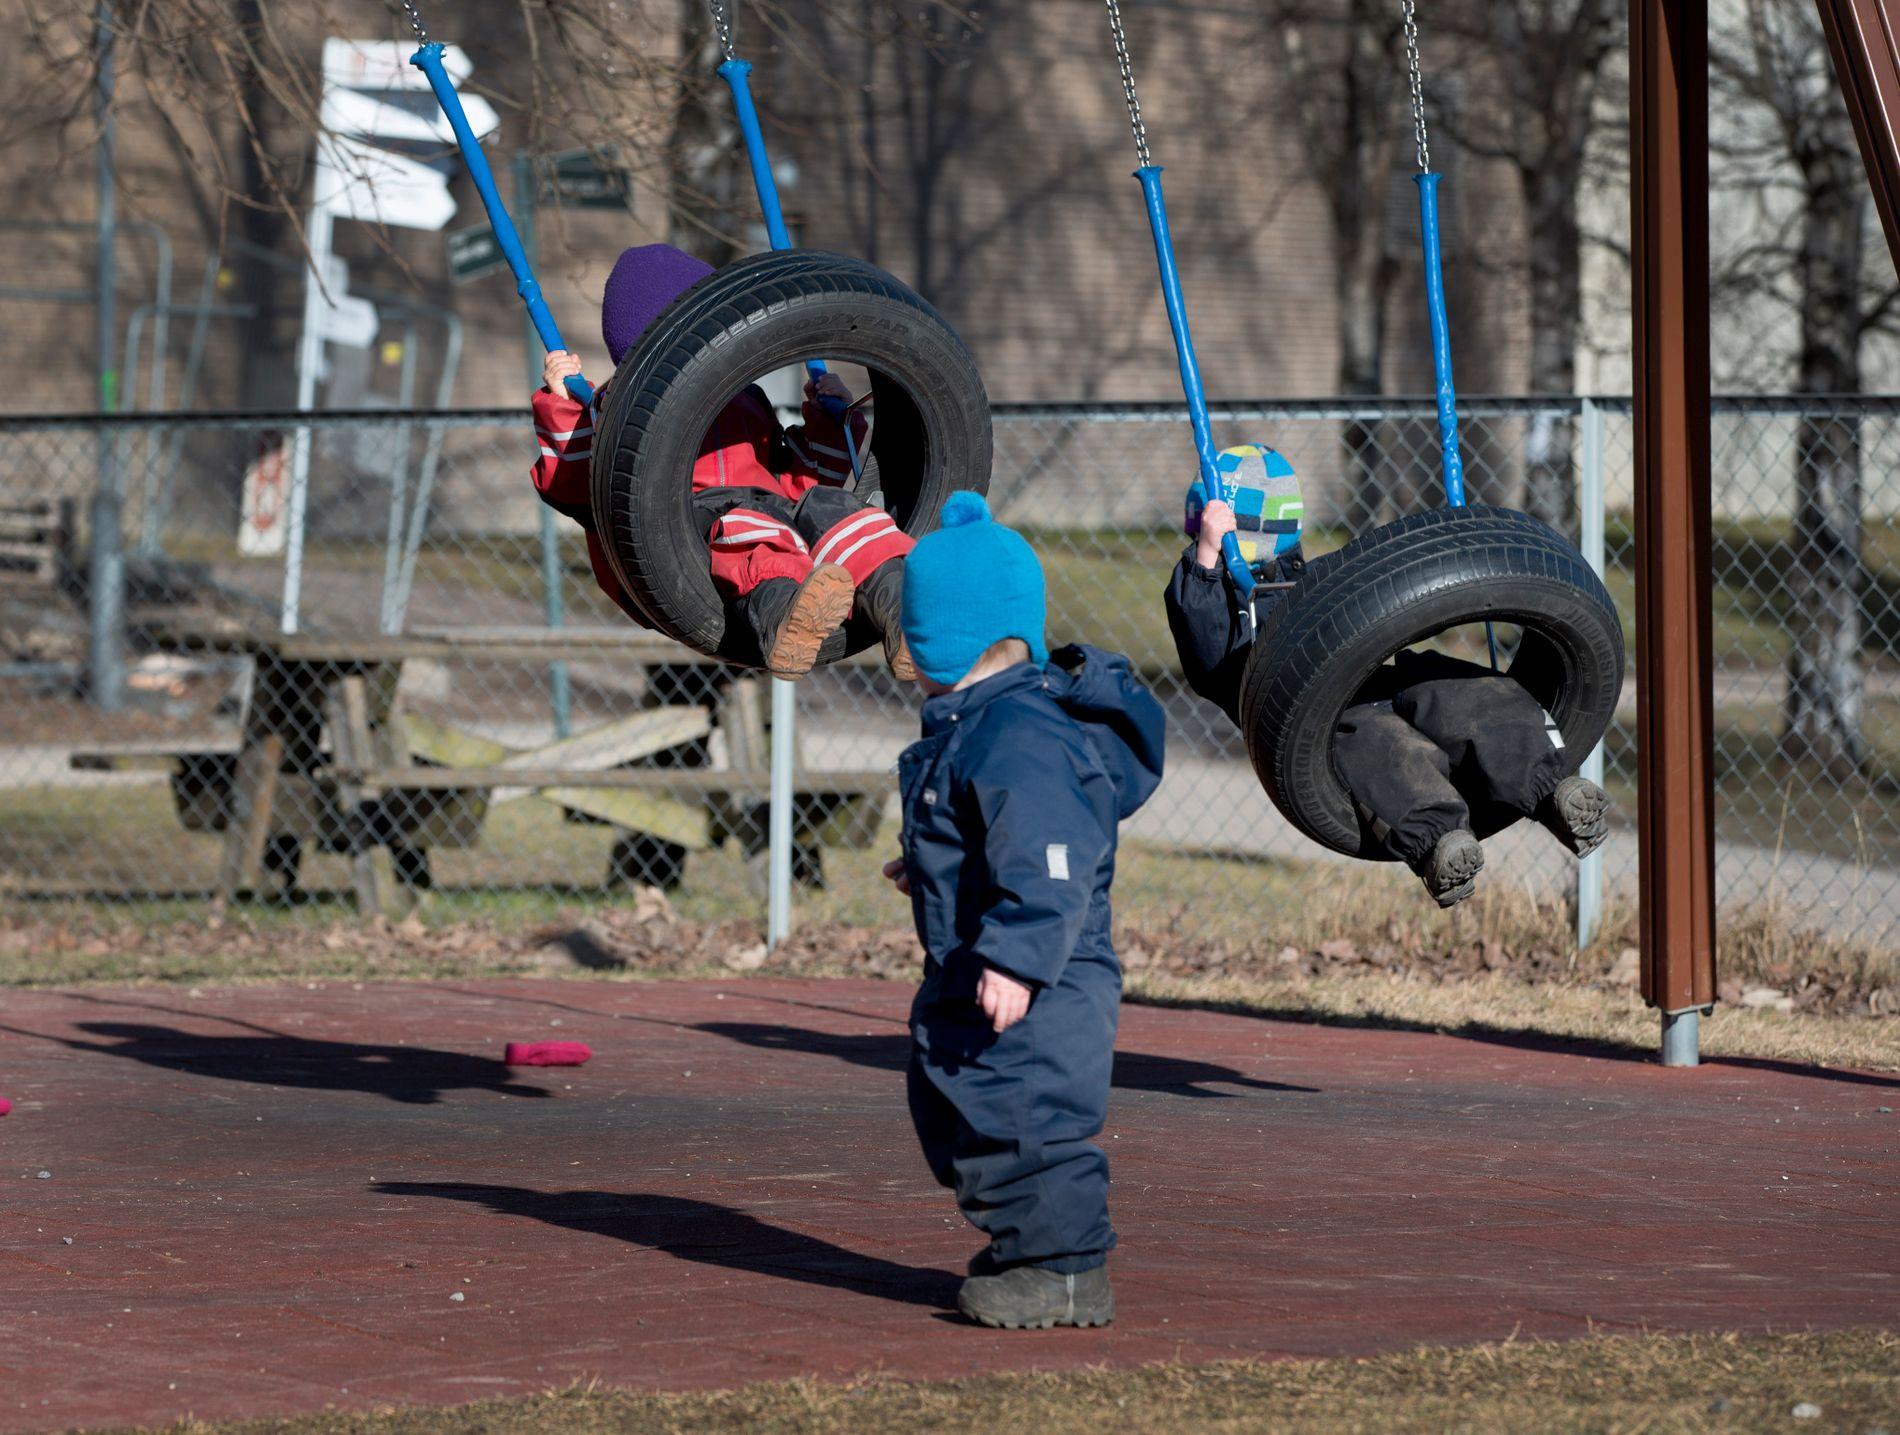 LEK I BARNEHAGEN: Barnehagebarn i fri utfoldelse i en barnehage i Oslo.